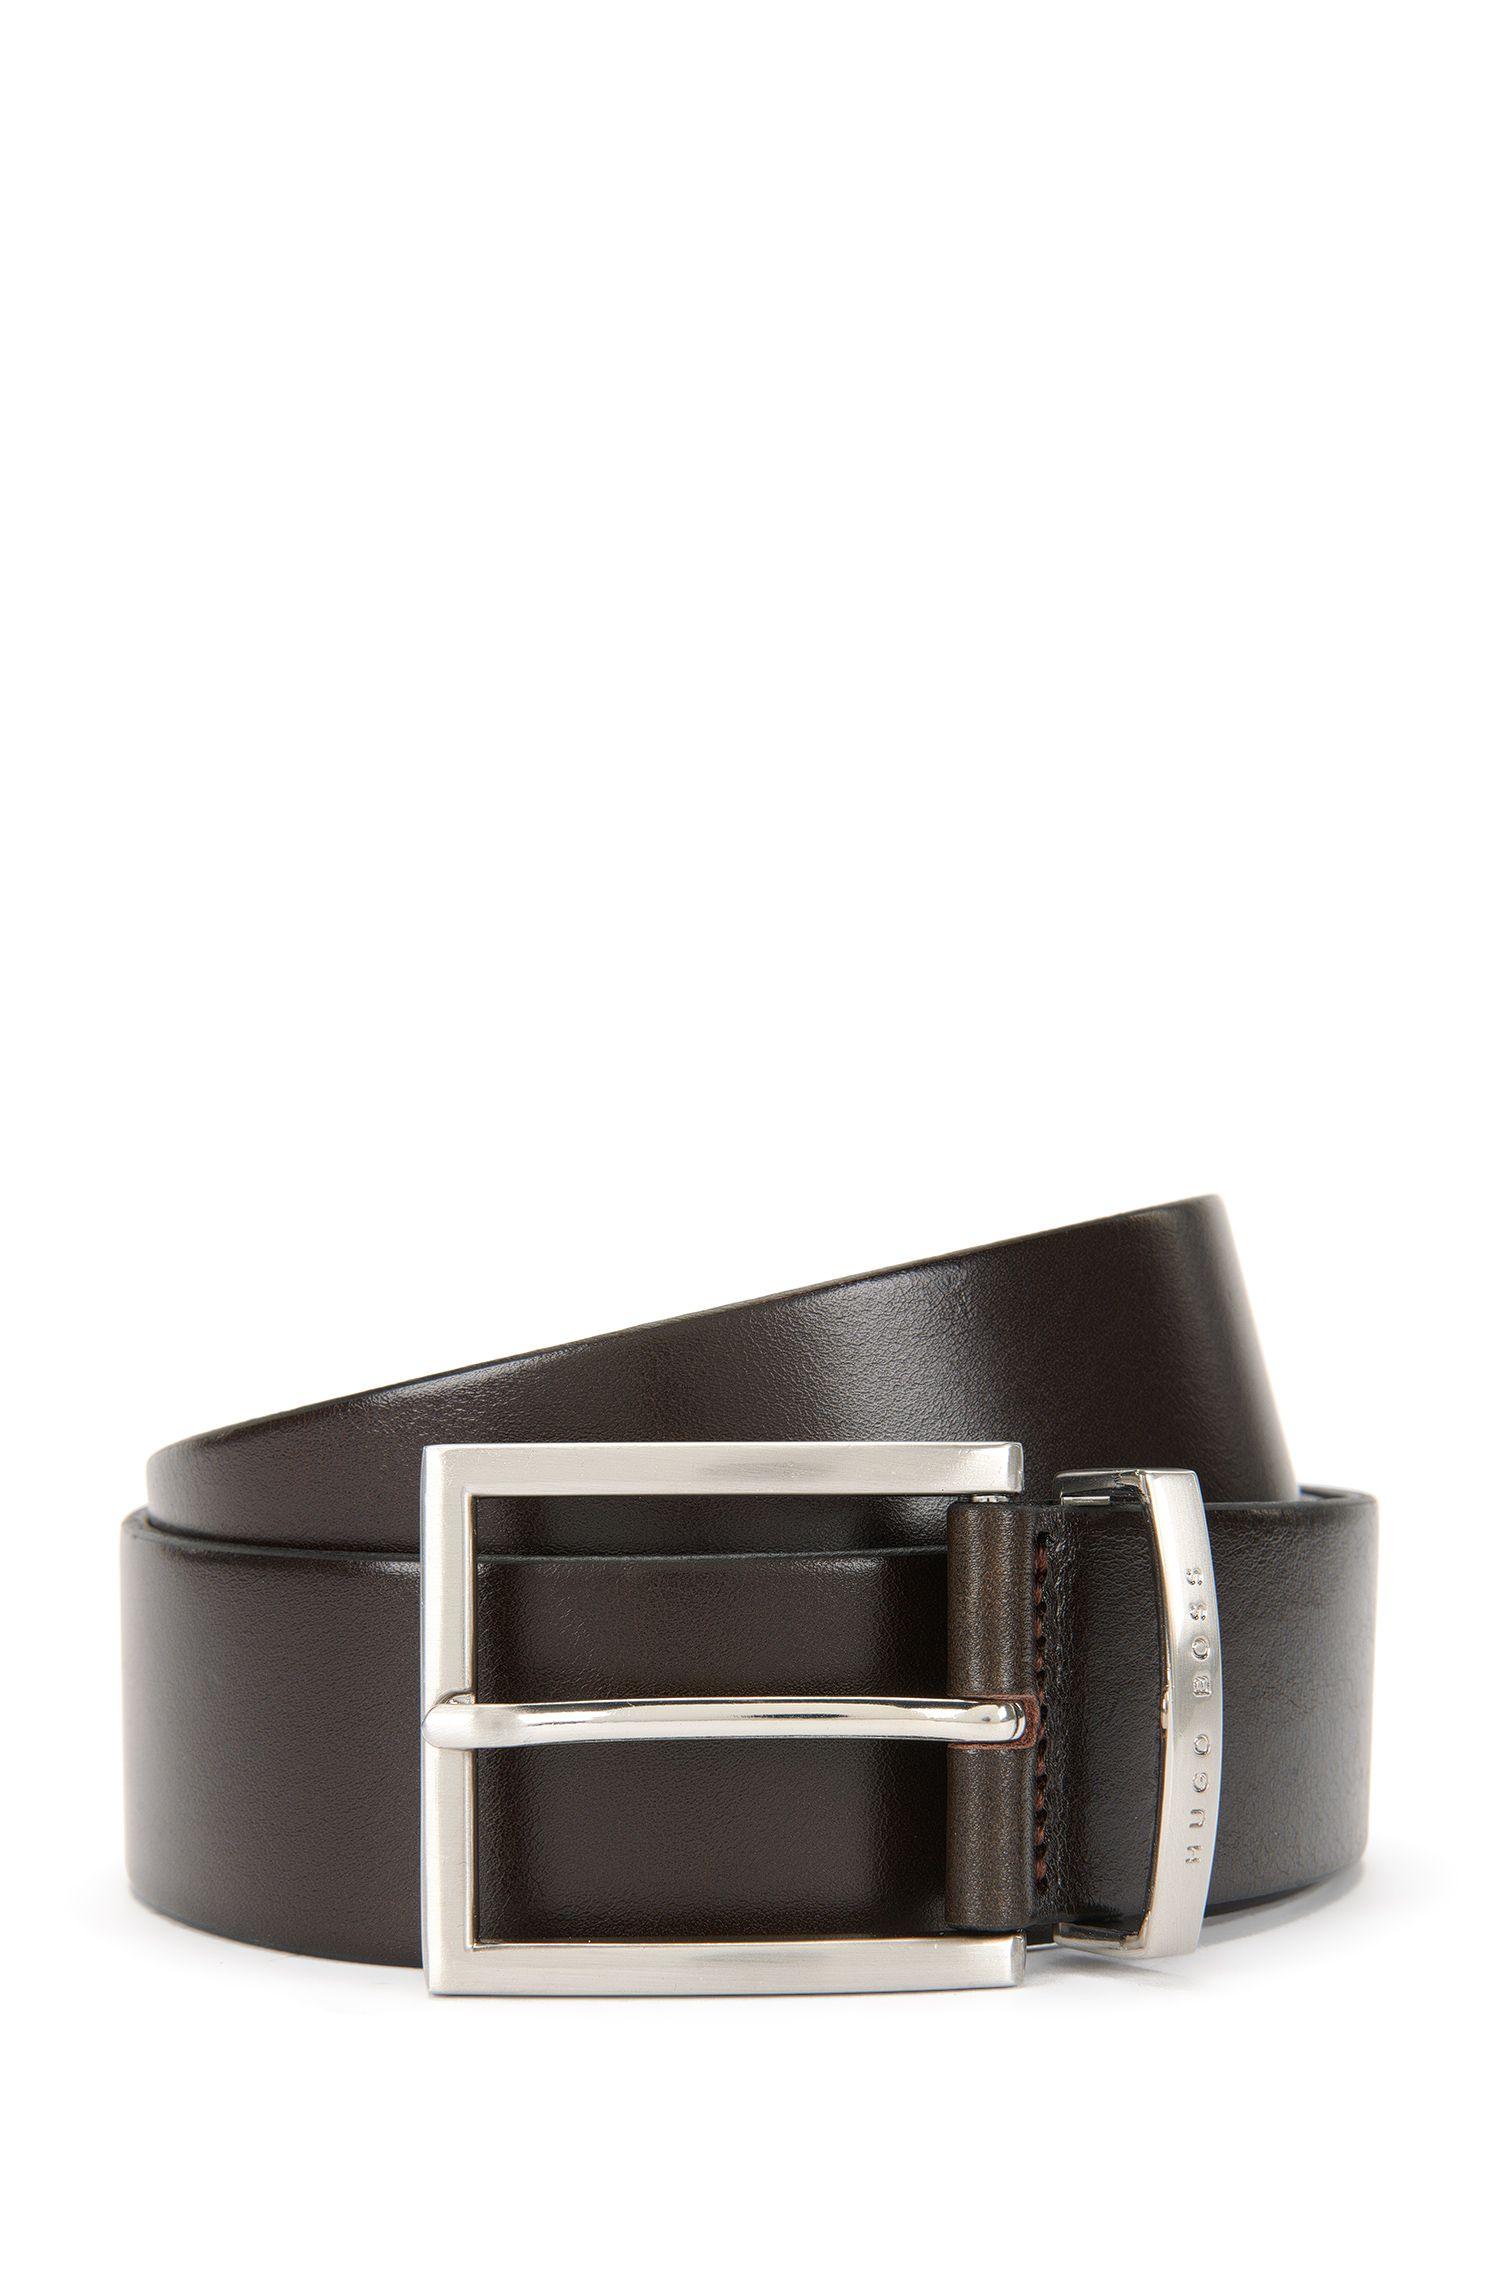 Cintura in pelle con fibbia ad ardiglione argento, Marrone scuro